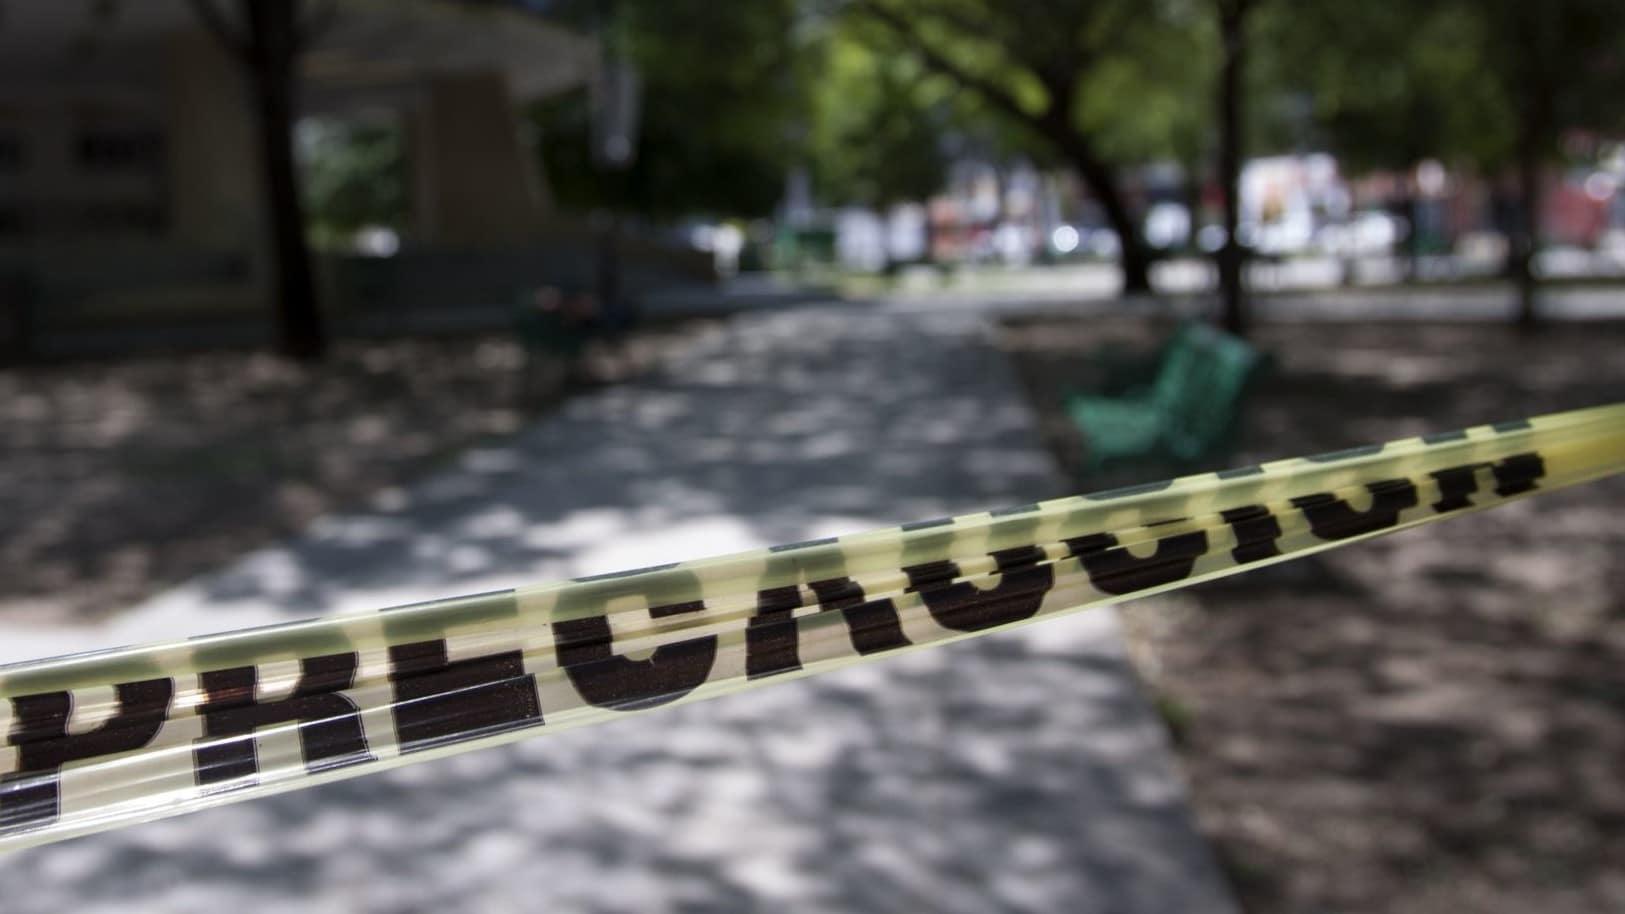 Choque múltiple provoca la muerte de 4 personas en Nuevo León